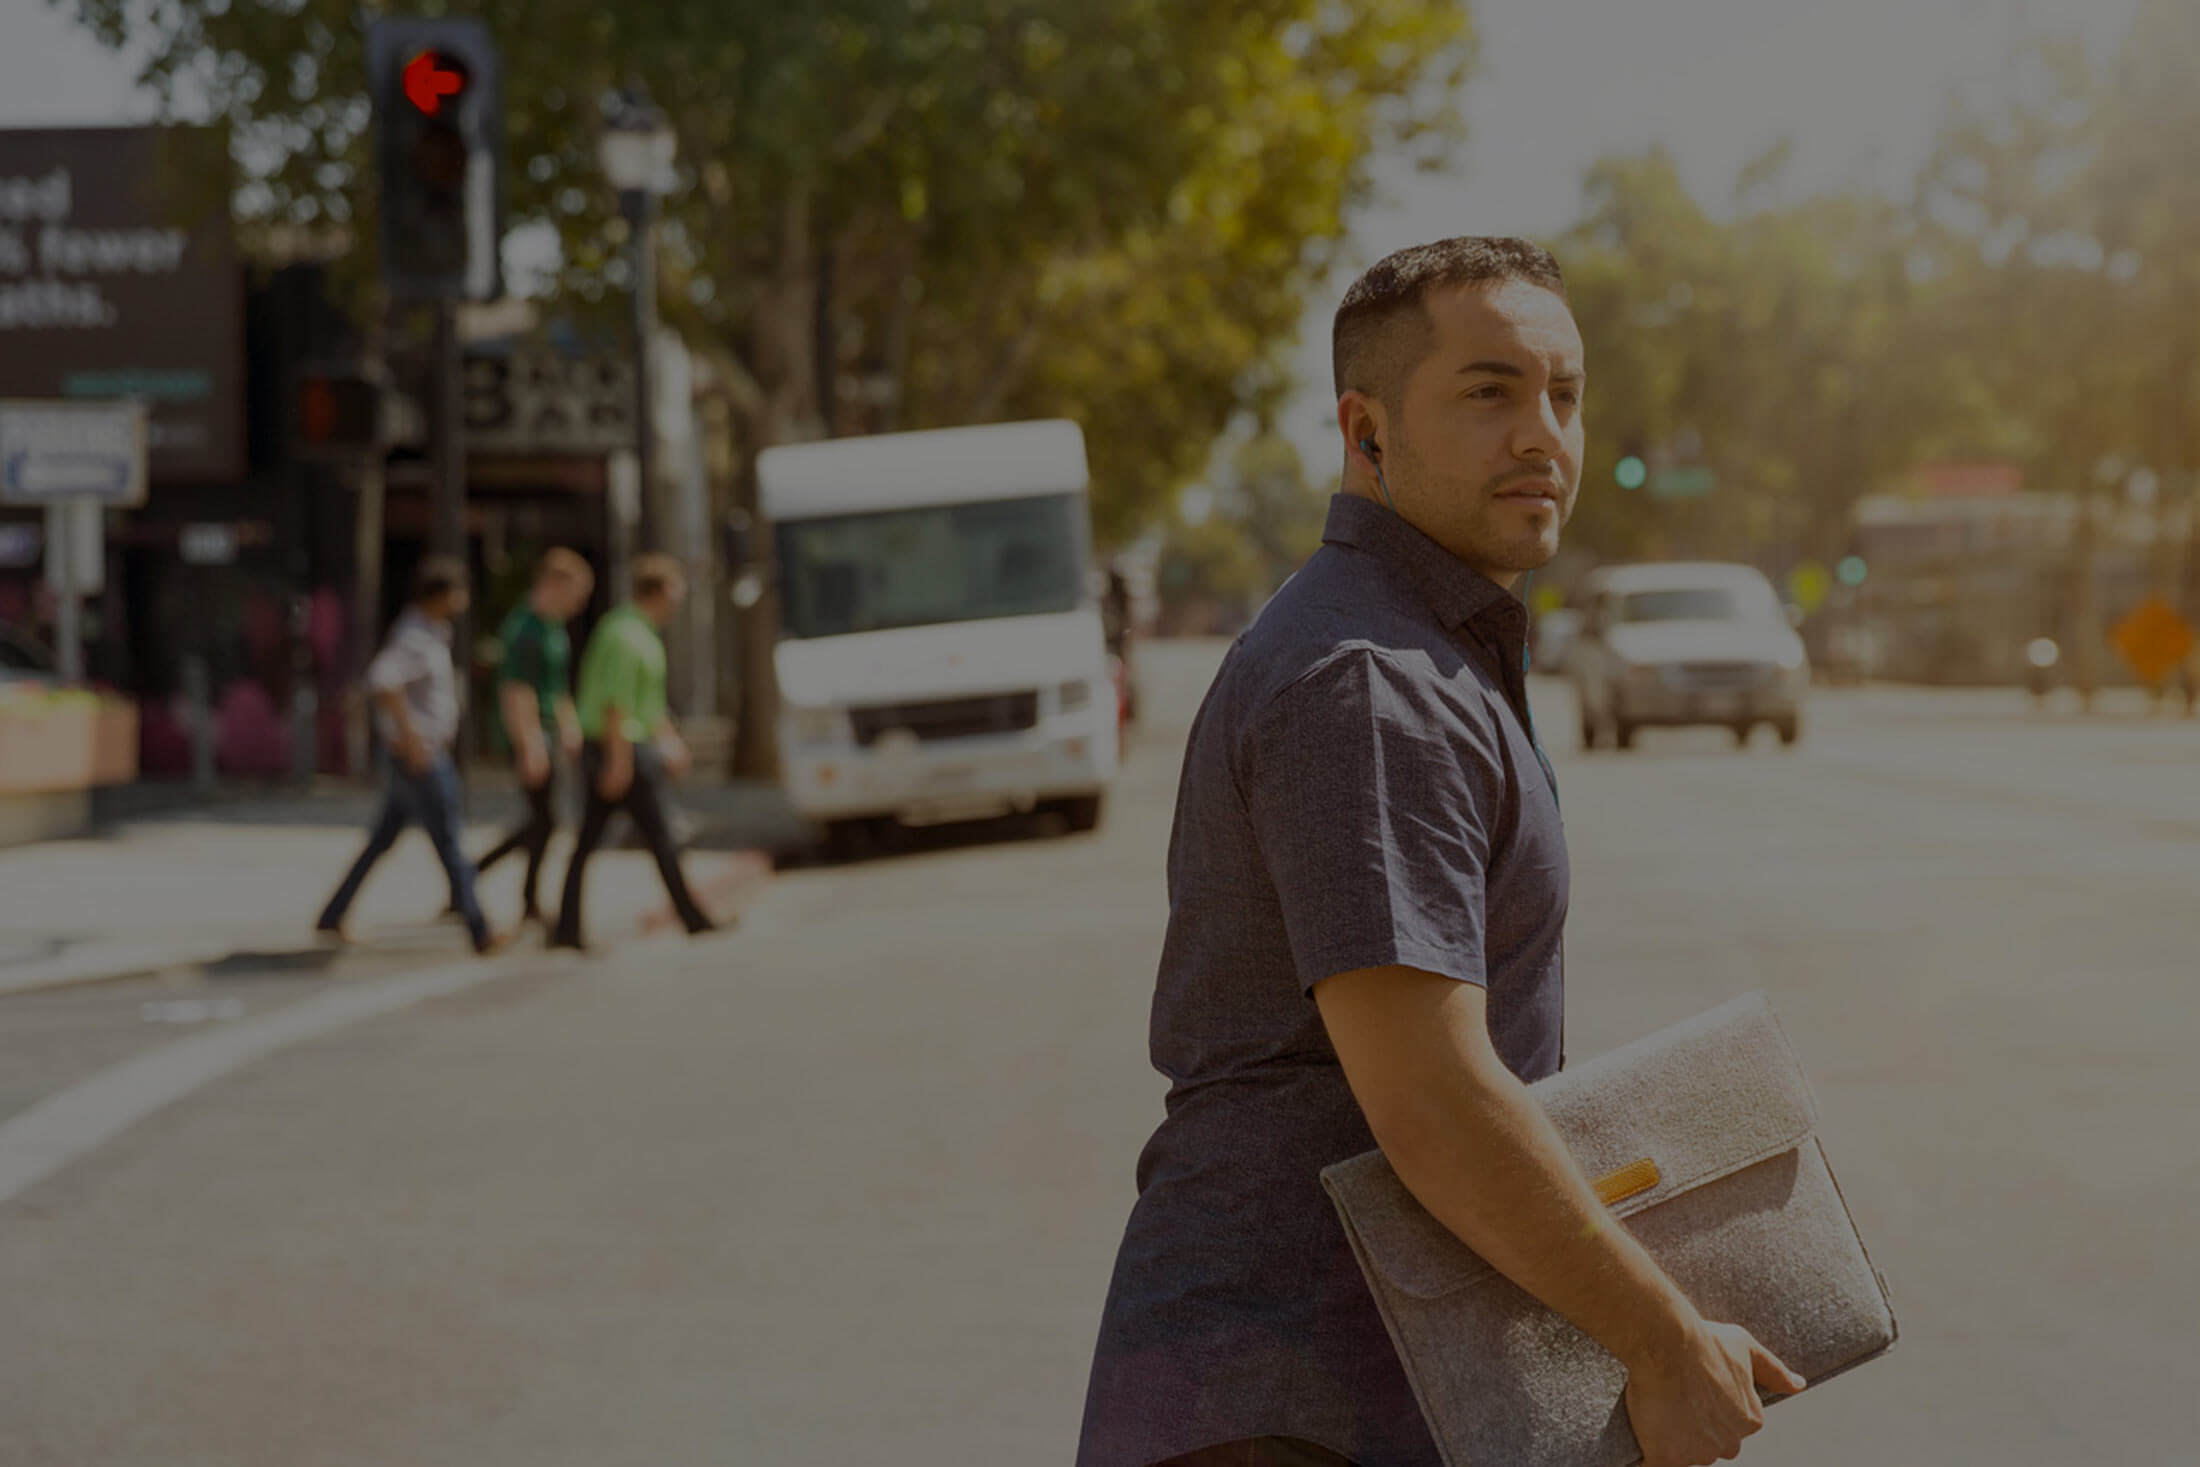 Pole emploi - offre emploi Ingénieur (H/F) - Saint-Nazaire